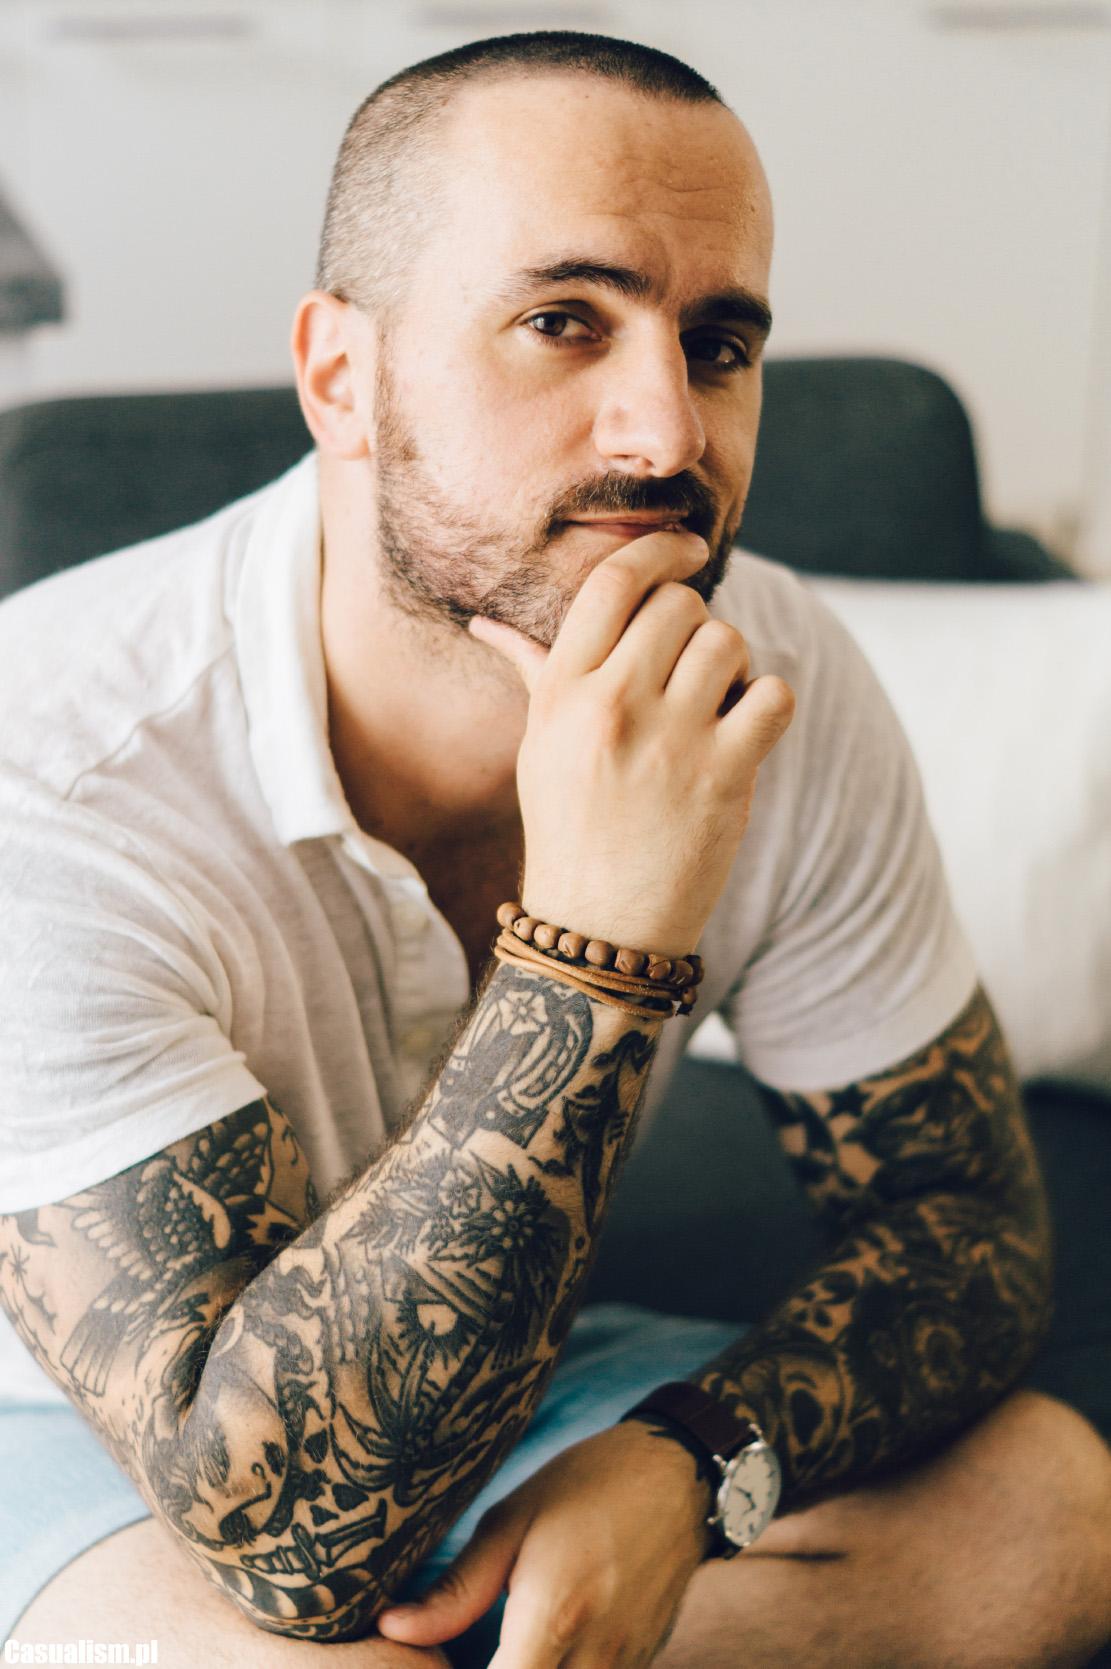 łysa Głowa Bardzo Krótkie Włosy Casualism Blog Moda Męska I Styl